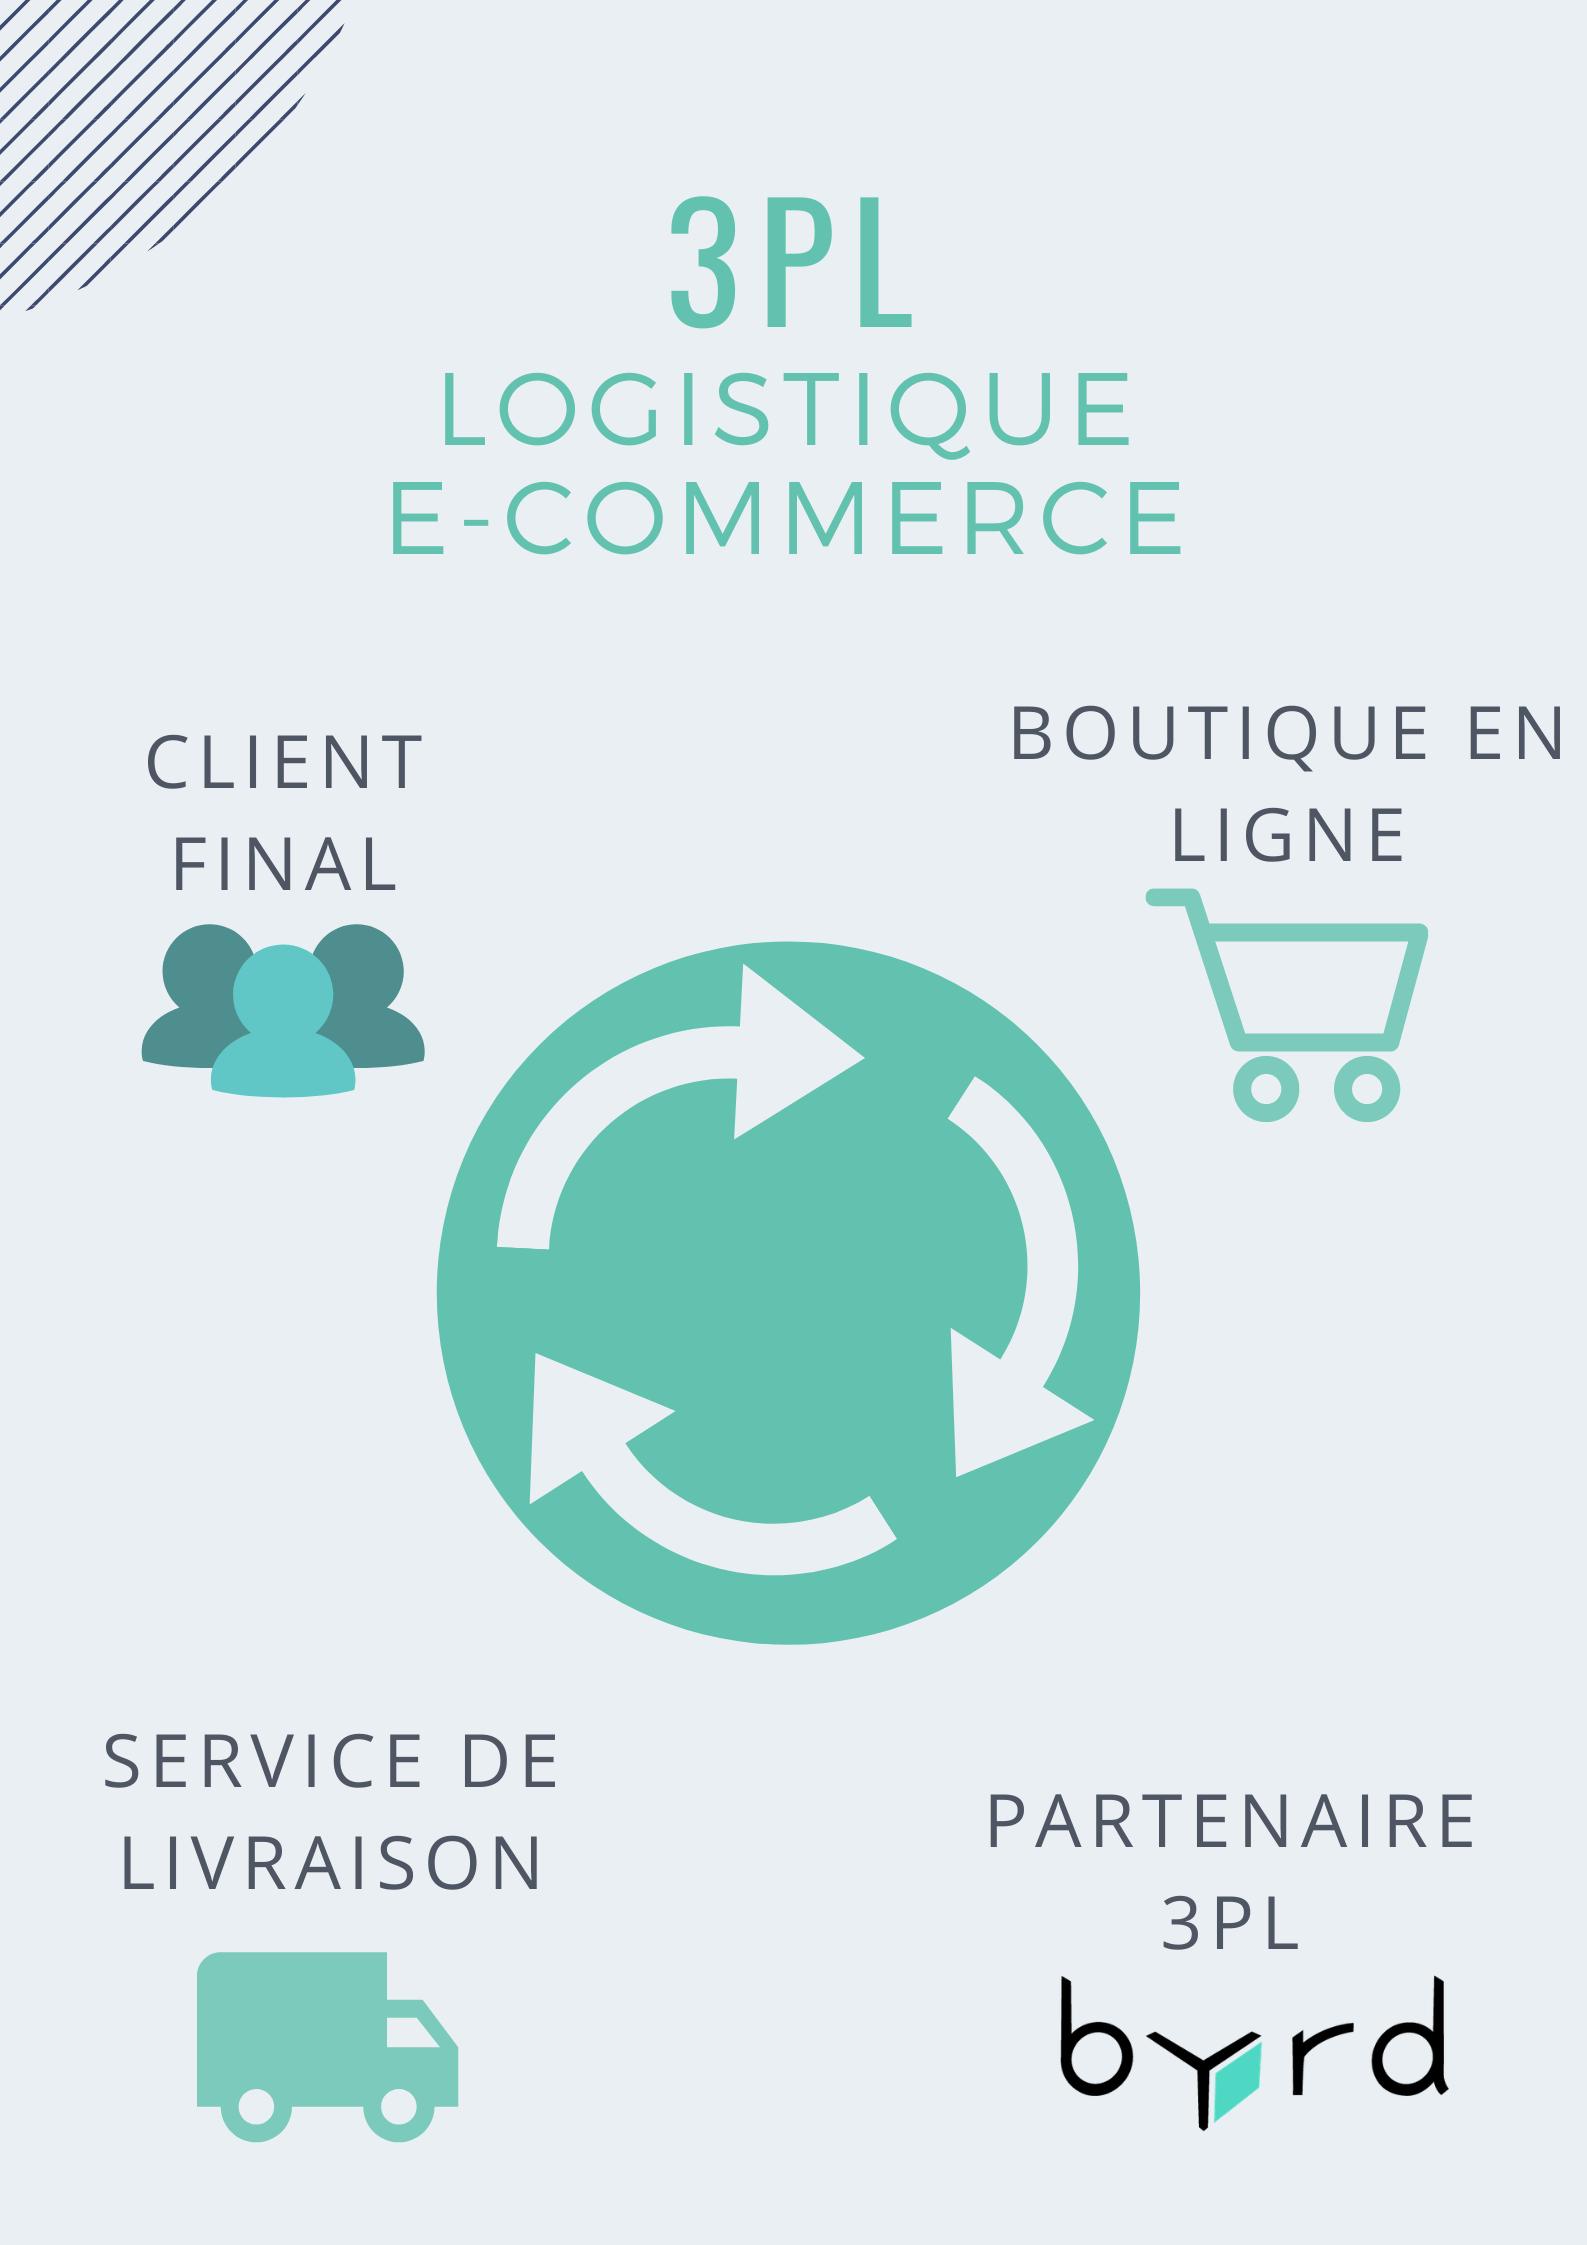 Schéma d'explication du rôle d'un prestataire de logistique externe (3PL)